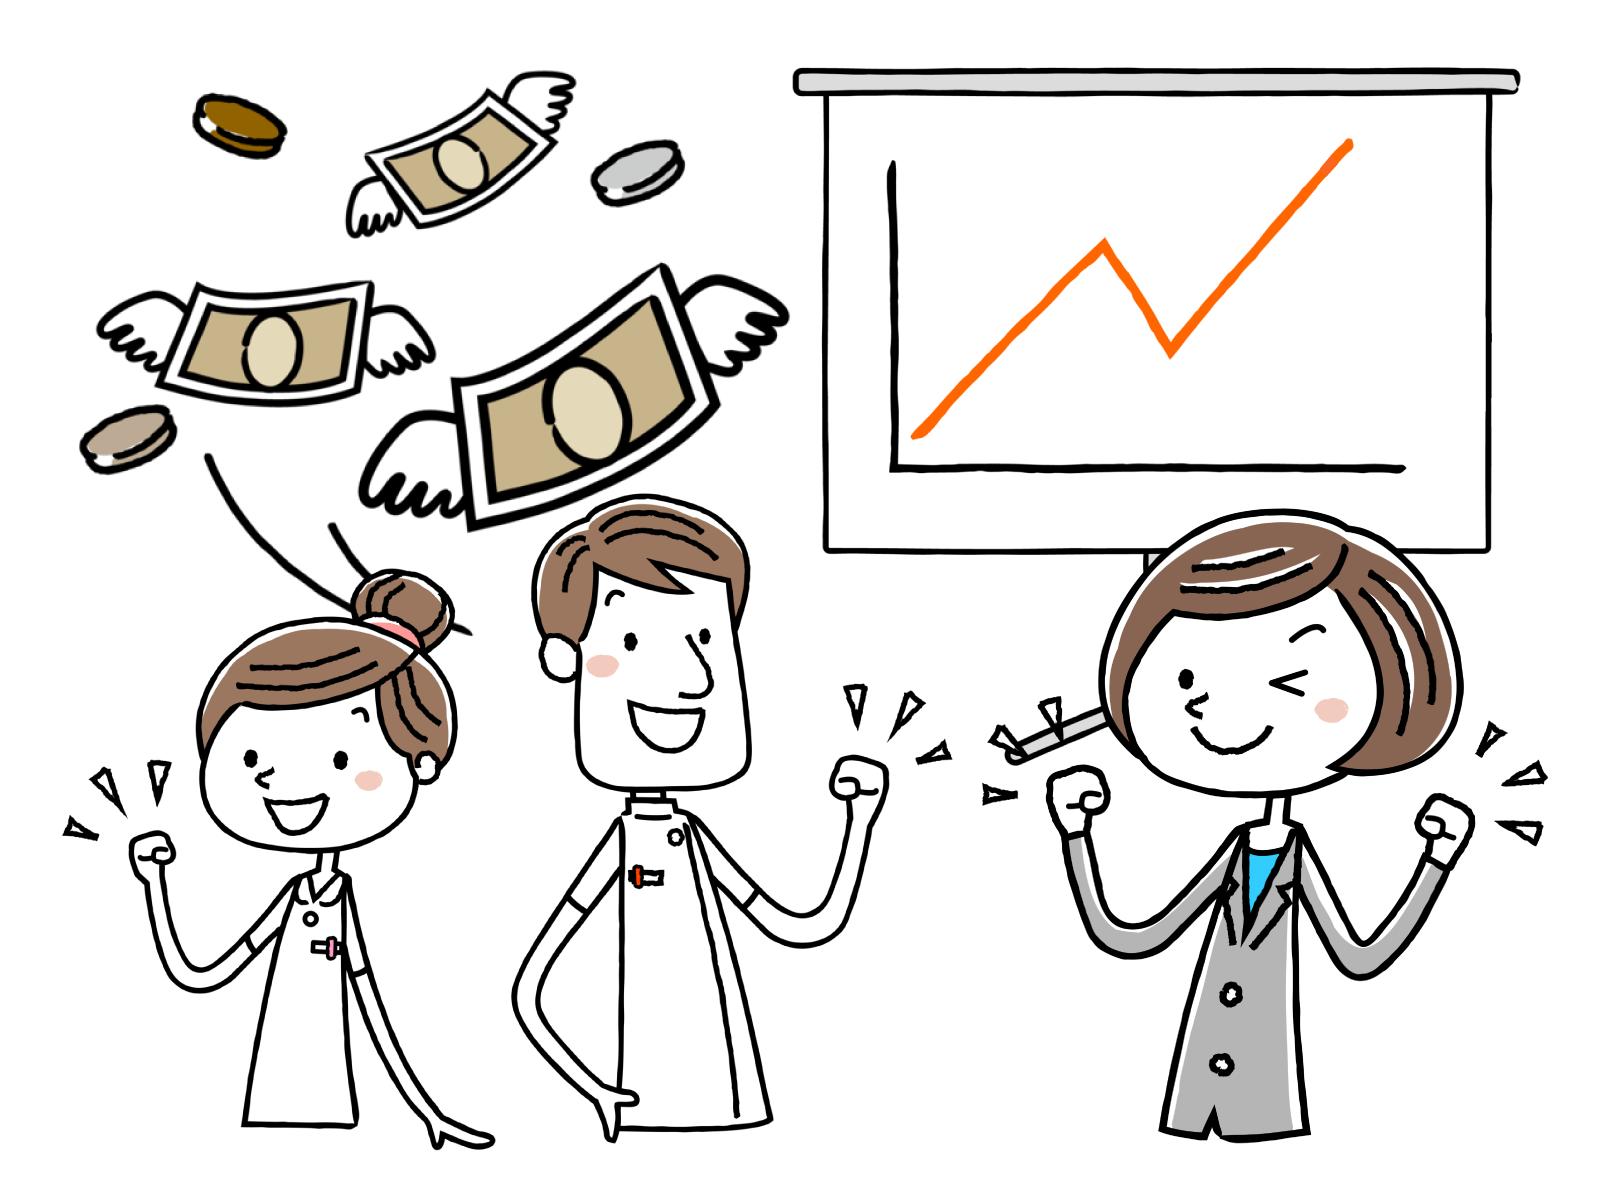 研修修了者がさらに給料を上げるための方法についてのイメージイラスト